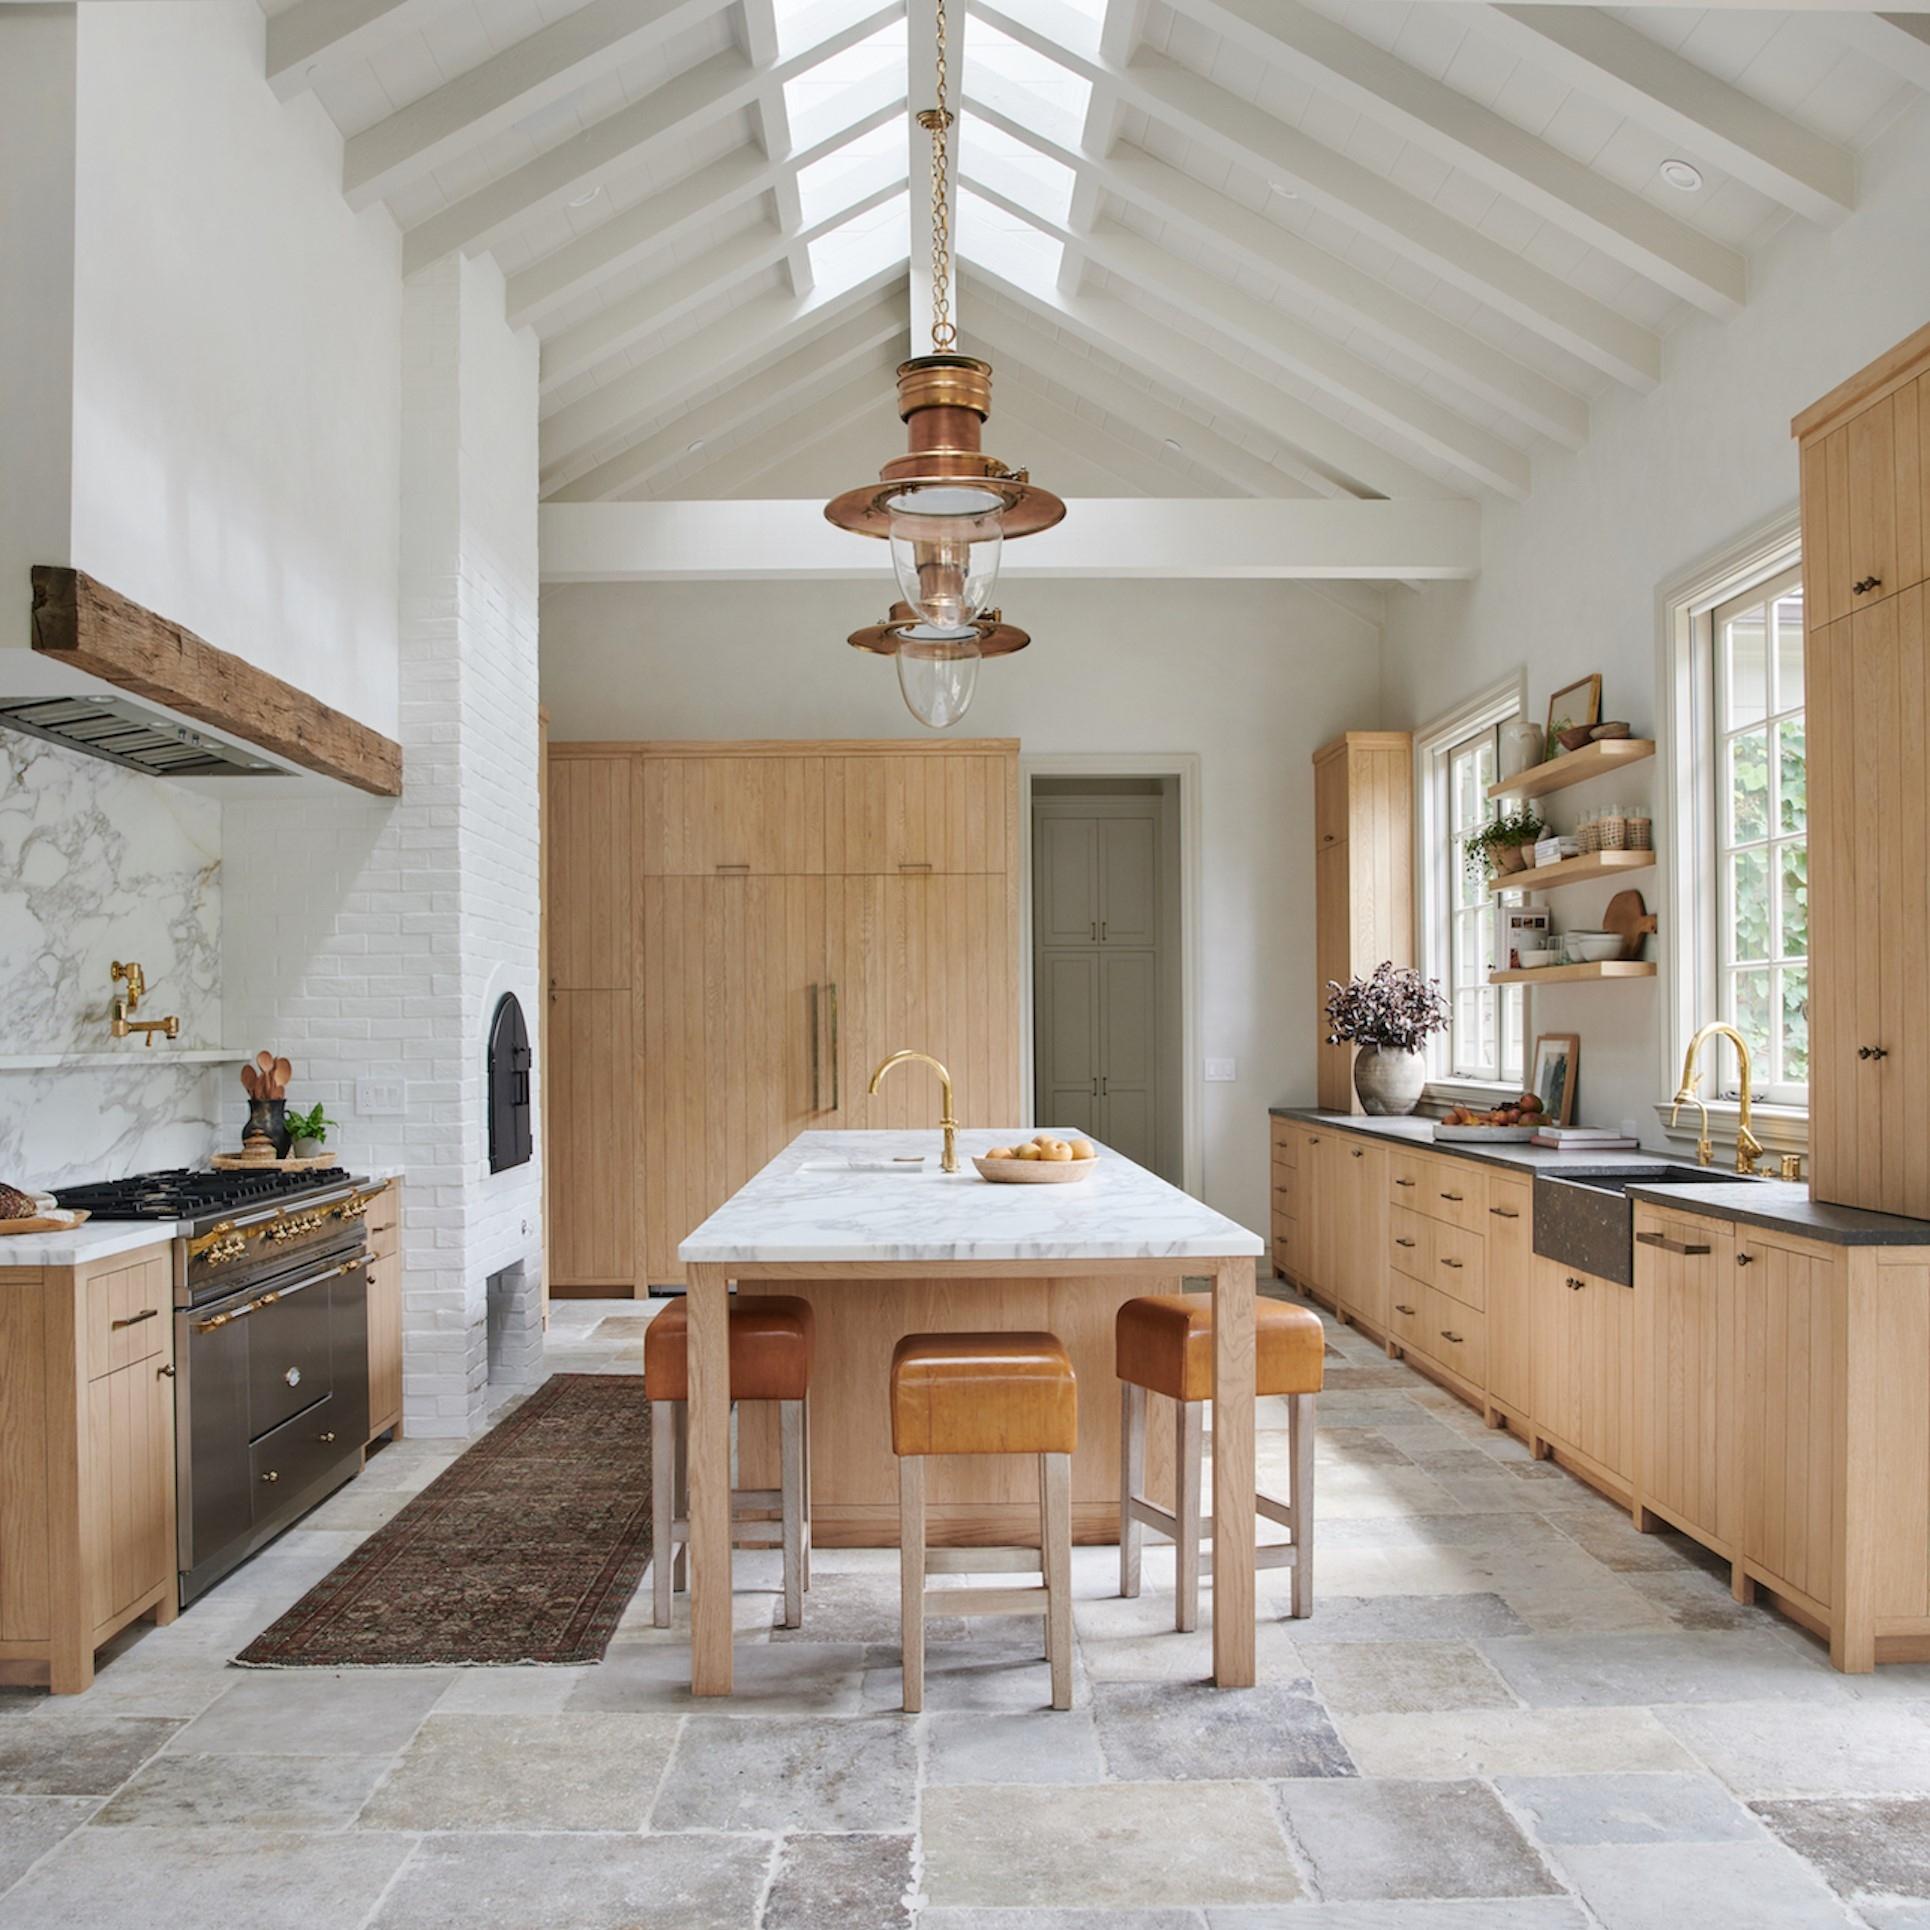 Diện tích phòng bếp căn hộ chung cư bao nhiêu là hợp lý ?